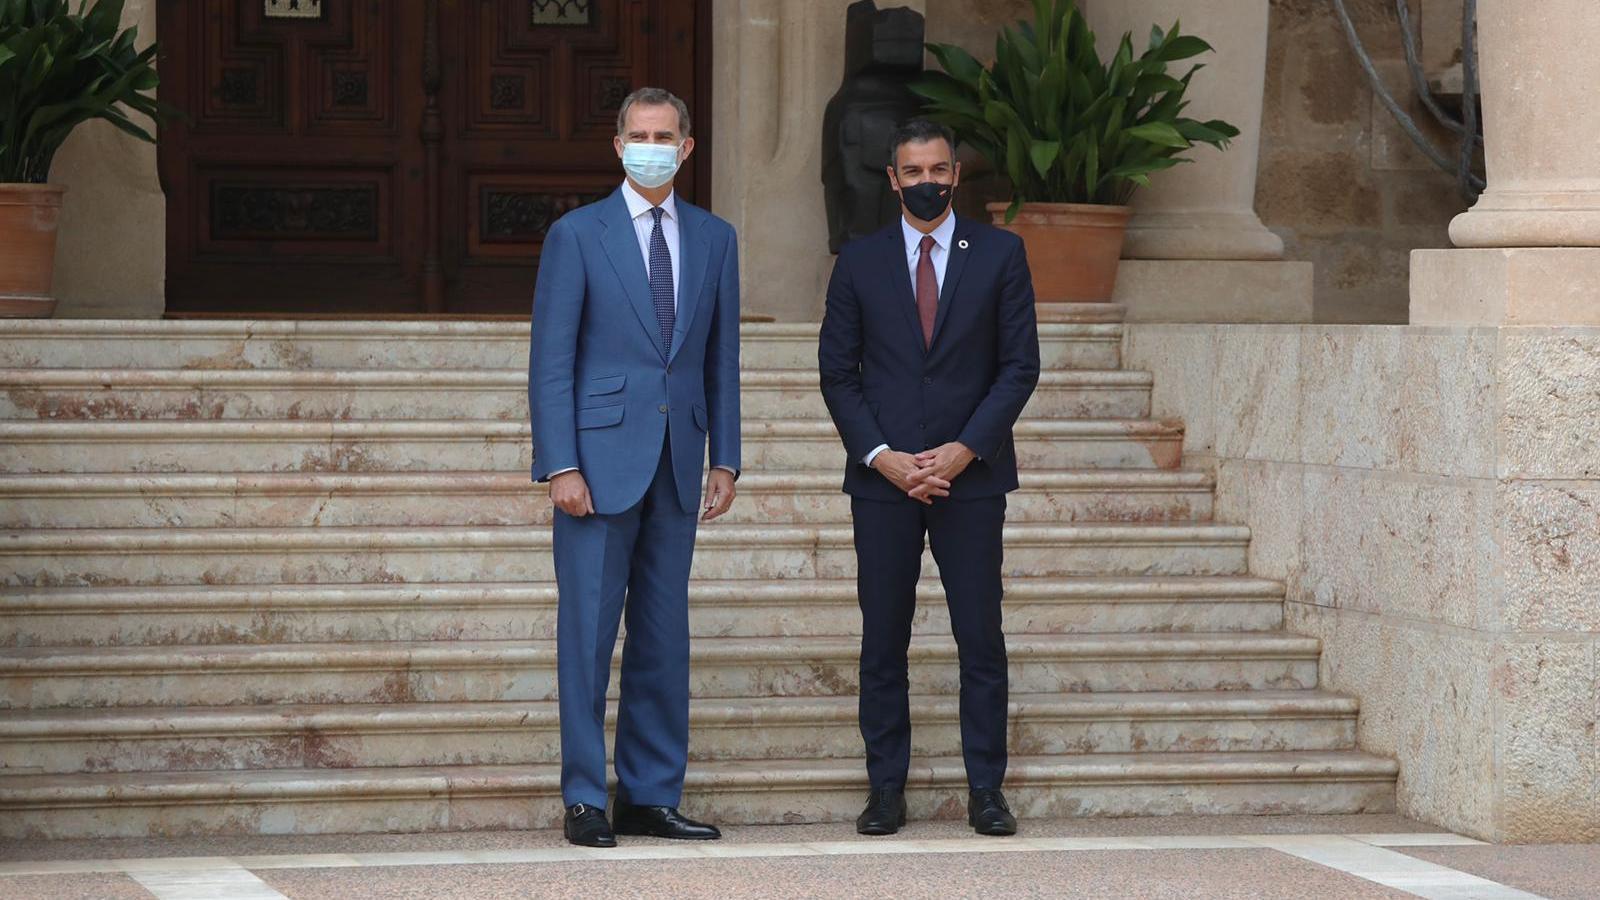 El rei Felip VI i el president del govern espanyol s'han reunit aquest dimecres a Marivent.